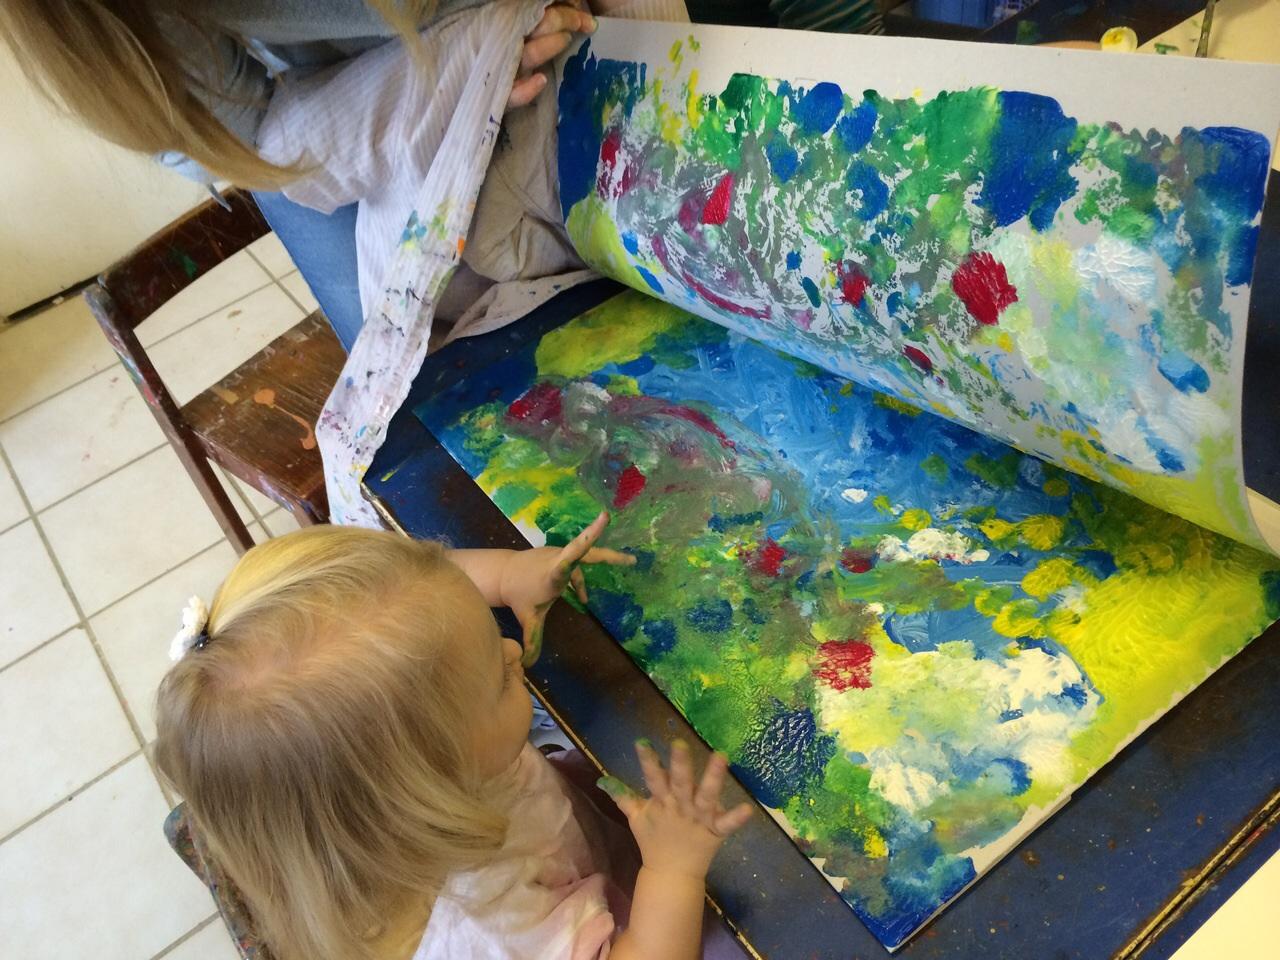 Spielgruppe beim malen